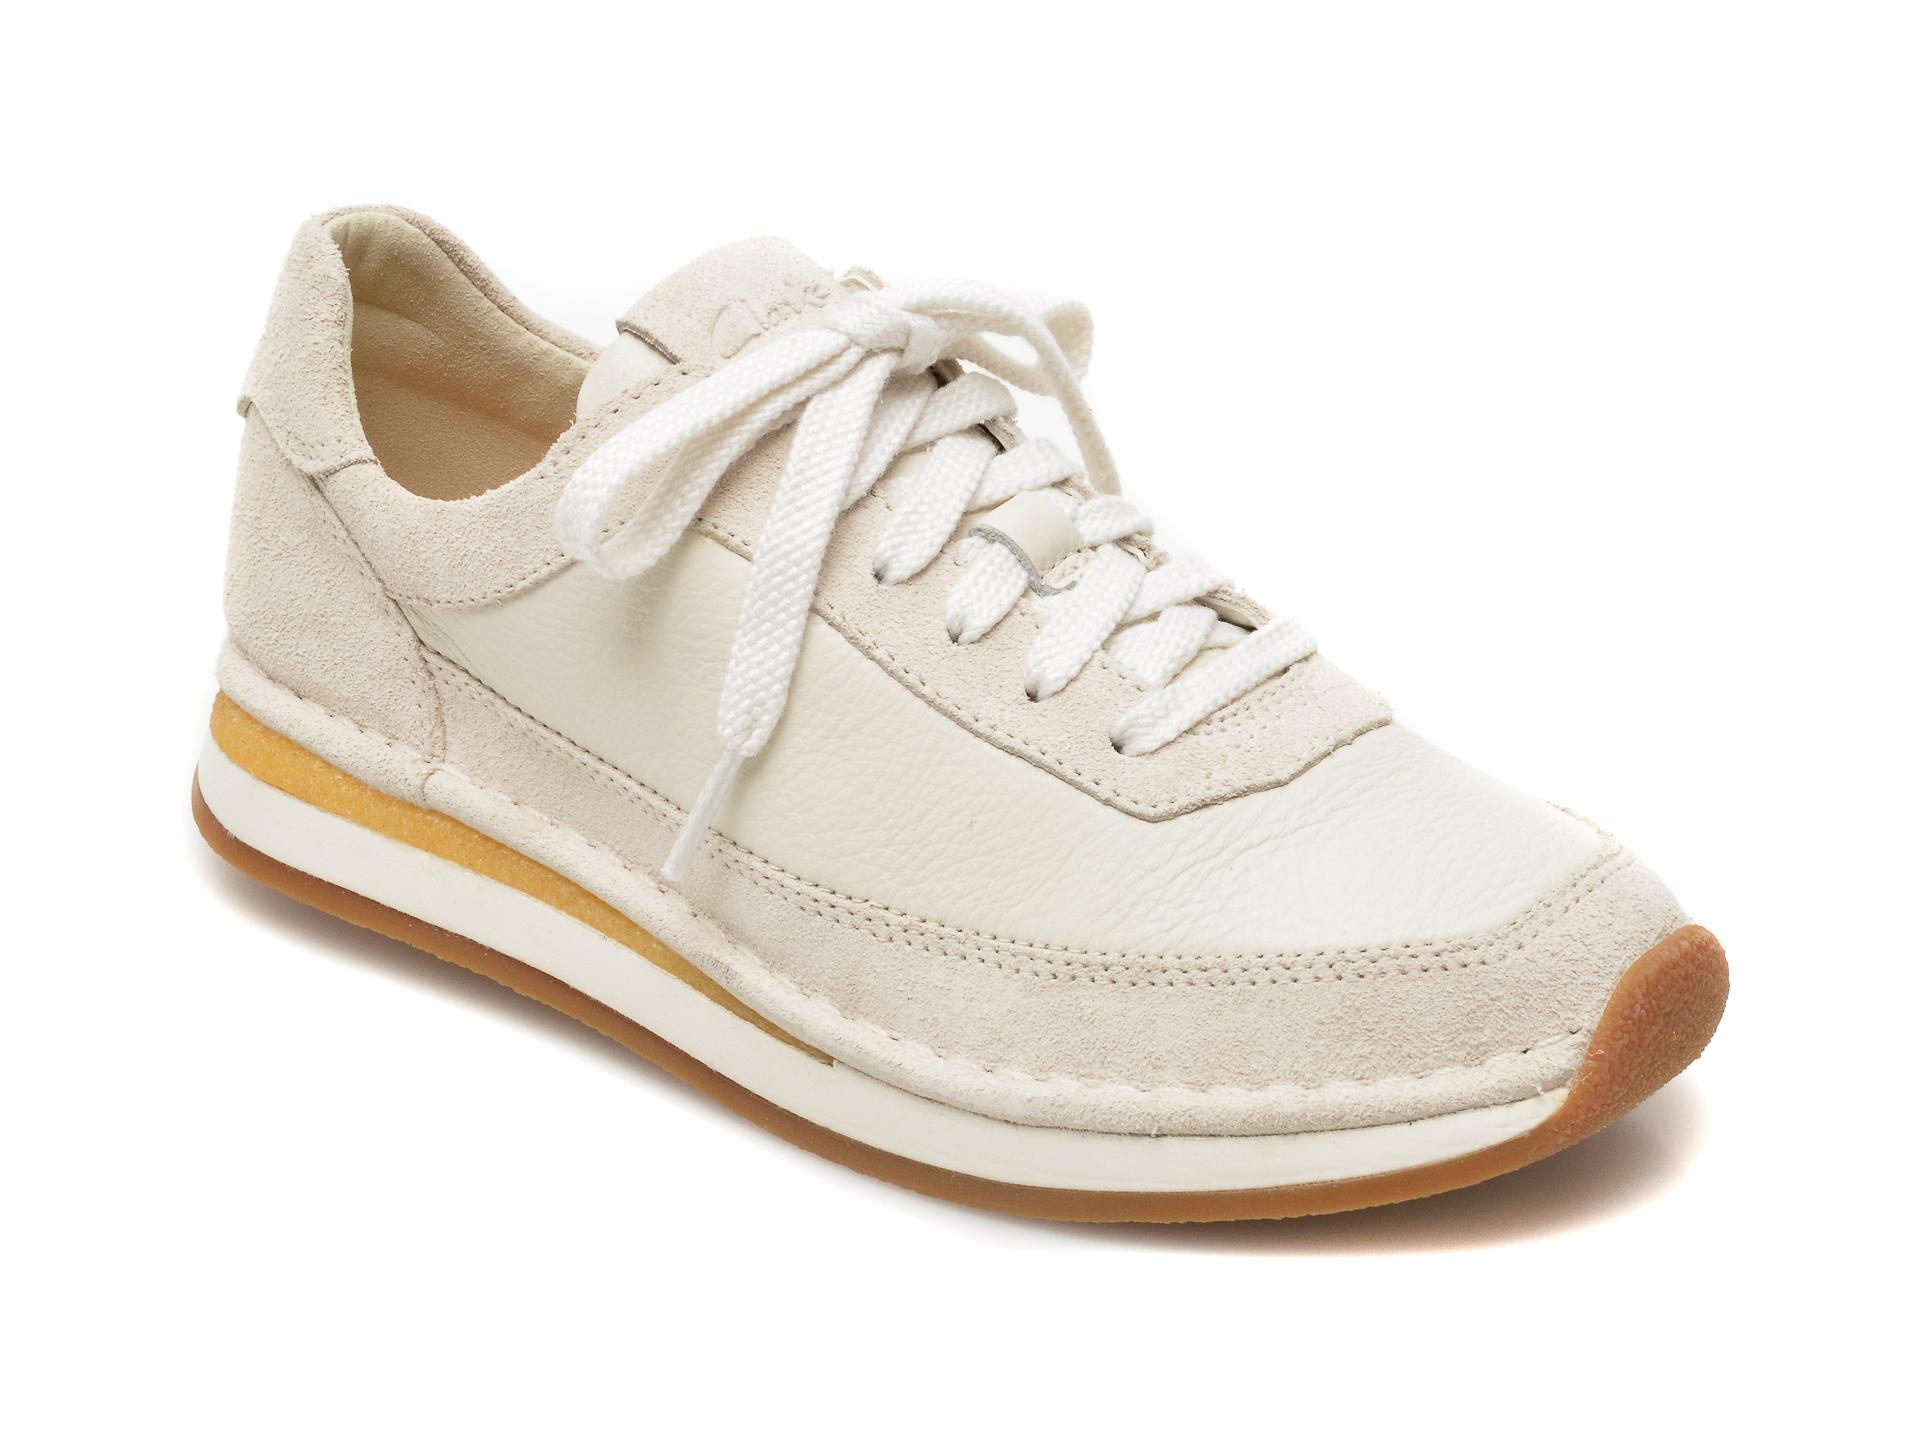 Pantofi CLARKS albi, Craftrun Lace, din piele intoarsa imagine otter.ro